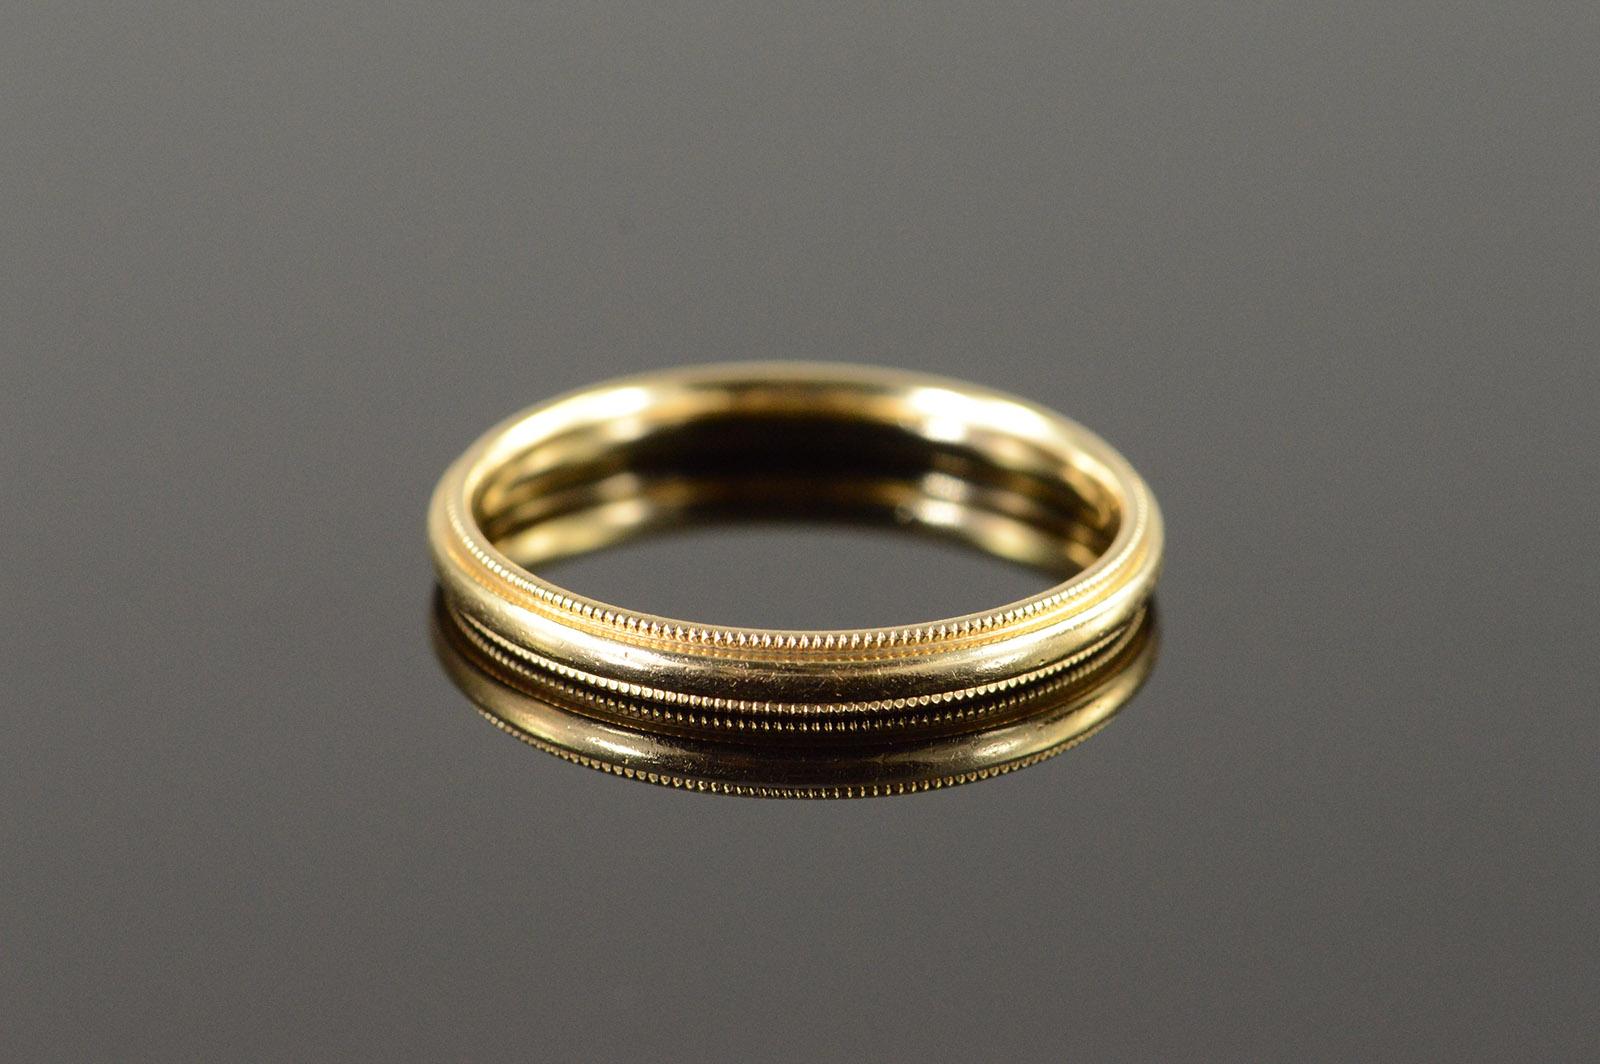 milgrain beaded edge wedding ring 14k white gold milgrain wedding band Milgrain Edge Wedding Ring in 14k White Gold 8mm